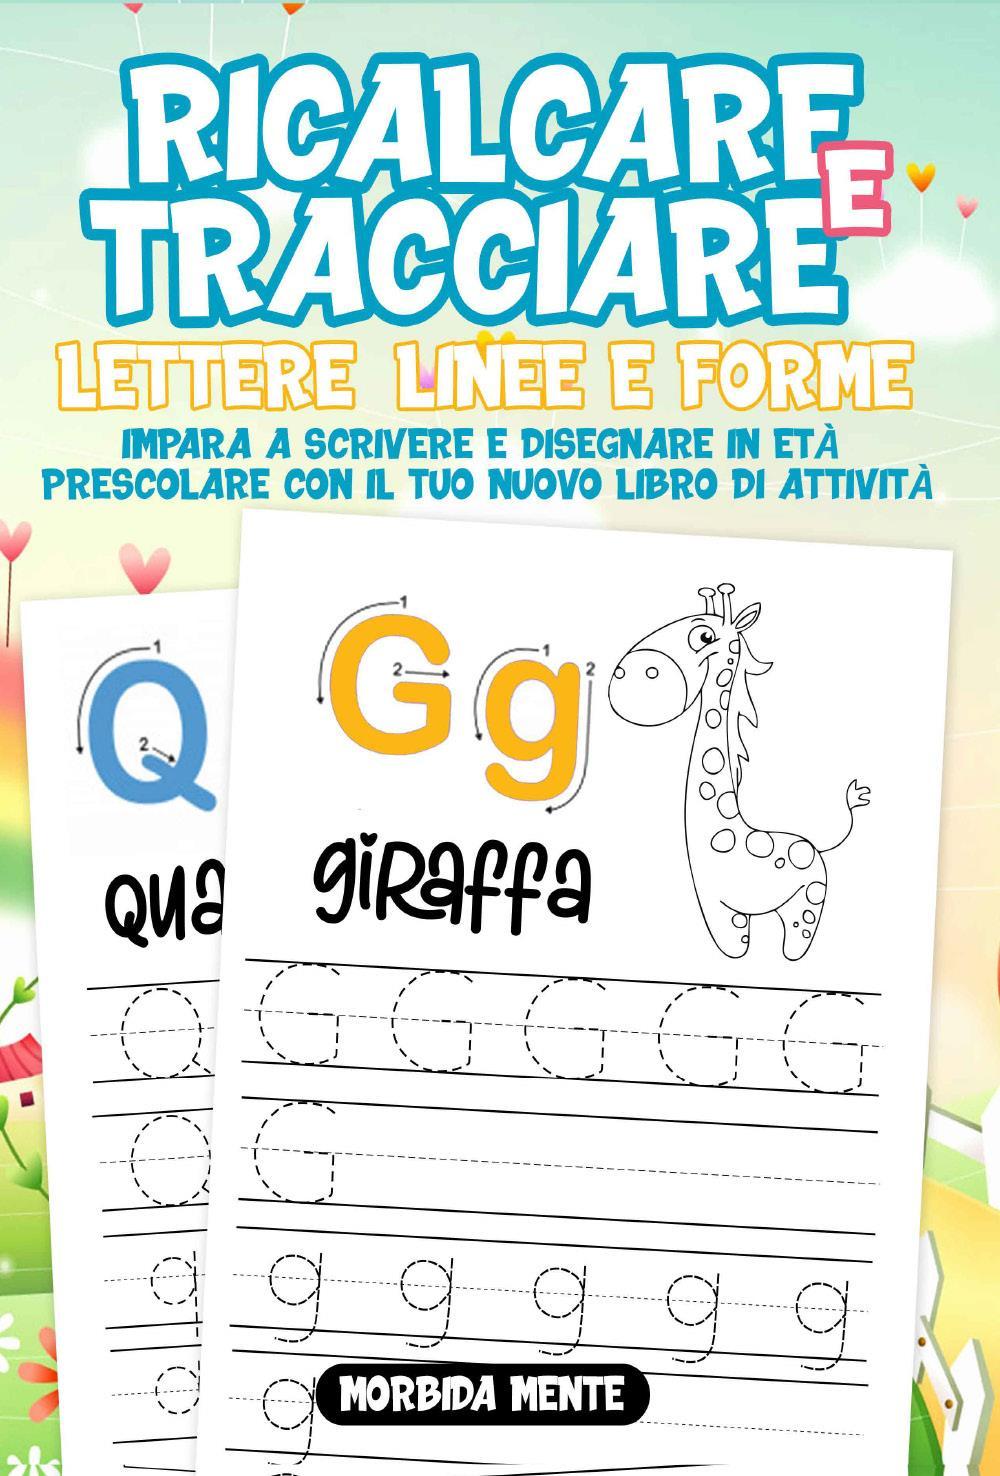 Ricalcare e Tracciare Lettere, Linee e Forme: Impara a Scrivere e Disegnare in Età Prescolare : Il Nuovo libro di attività per bambini 3+